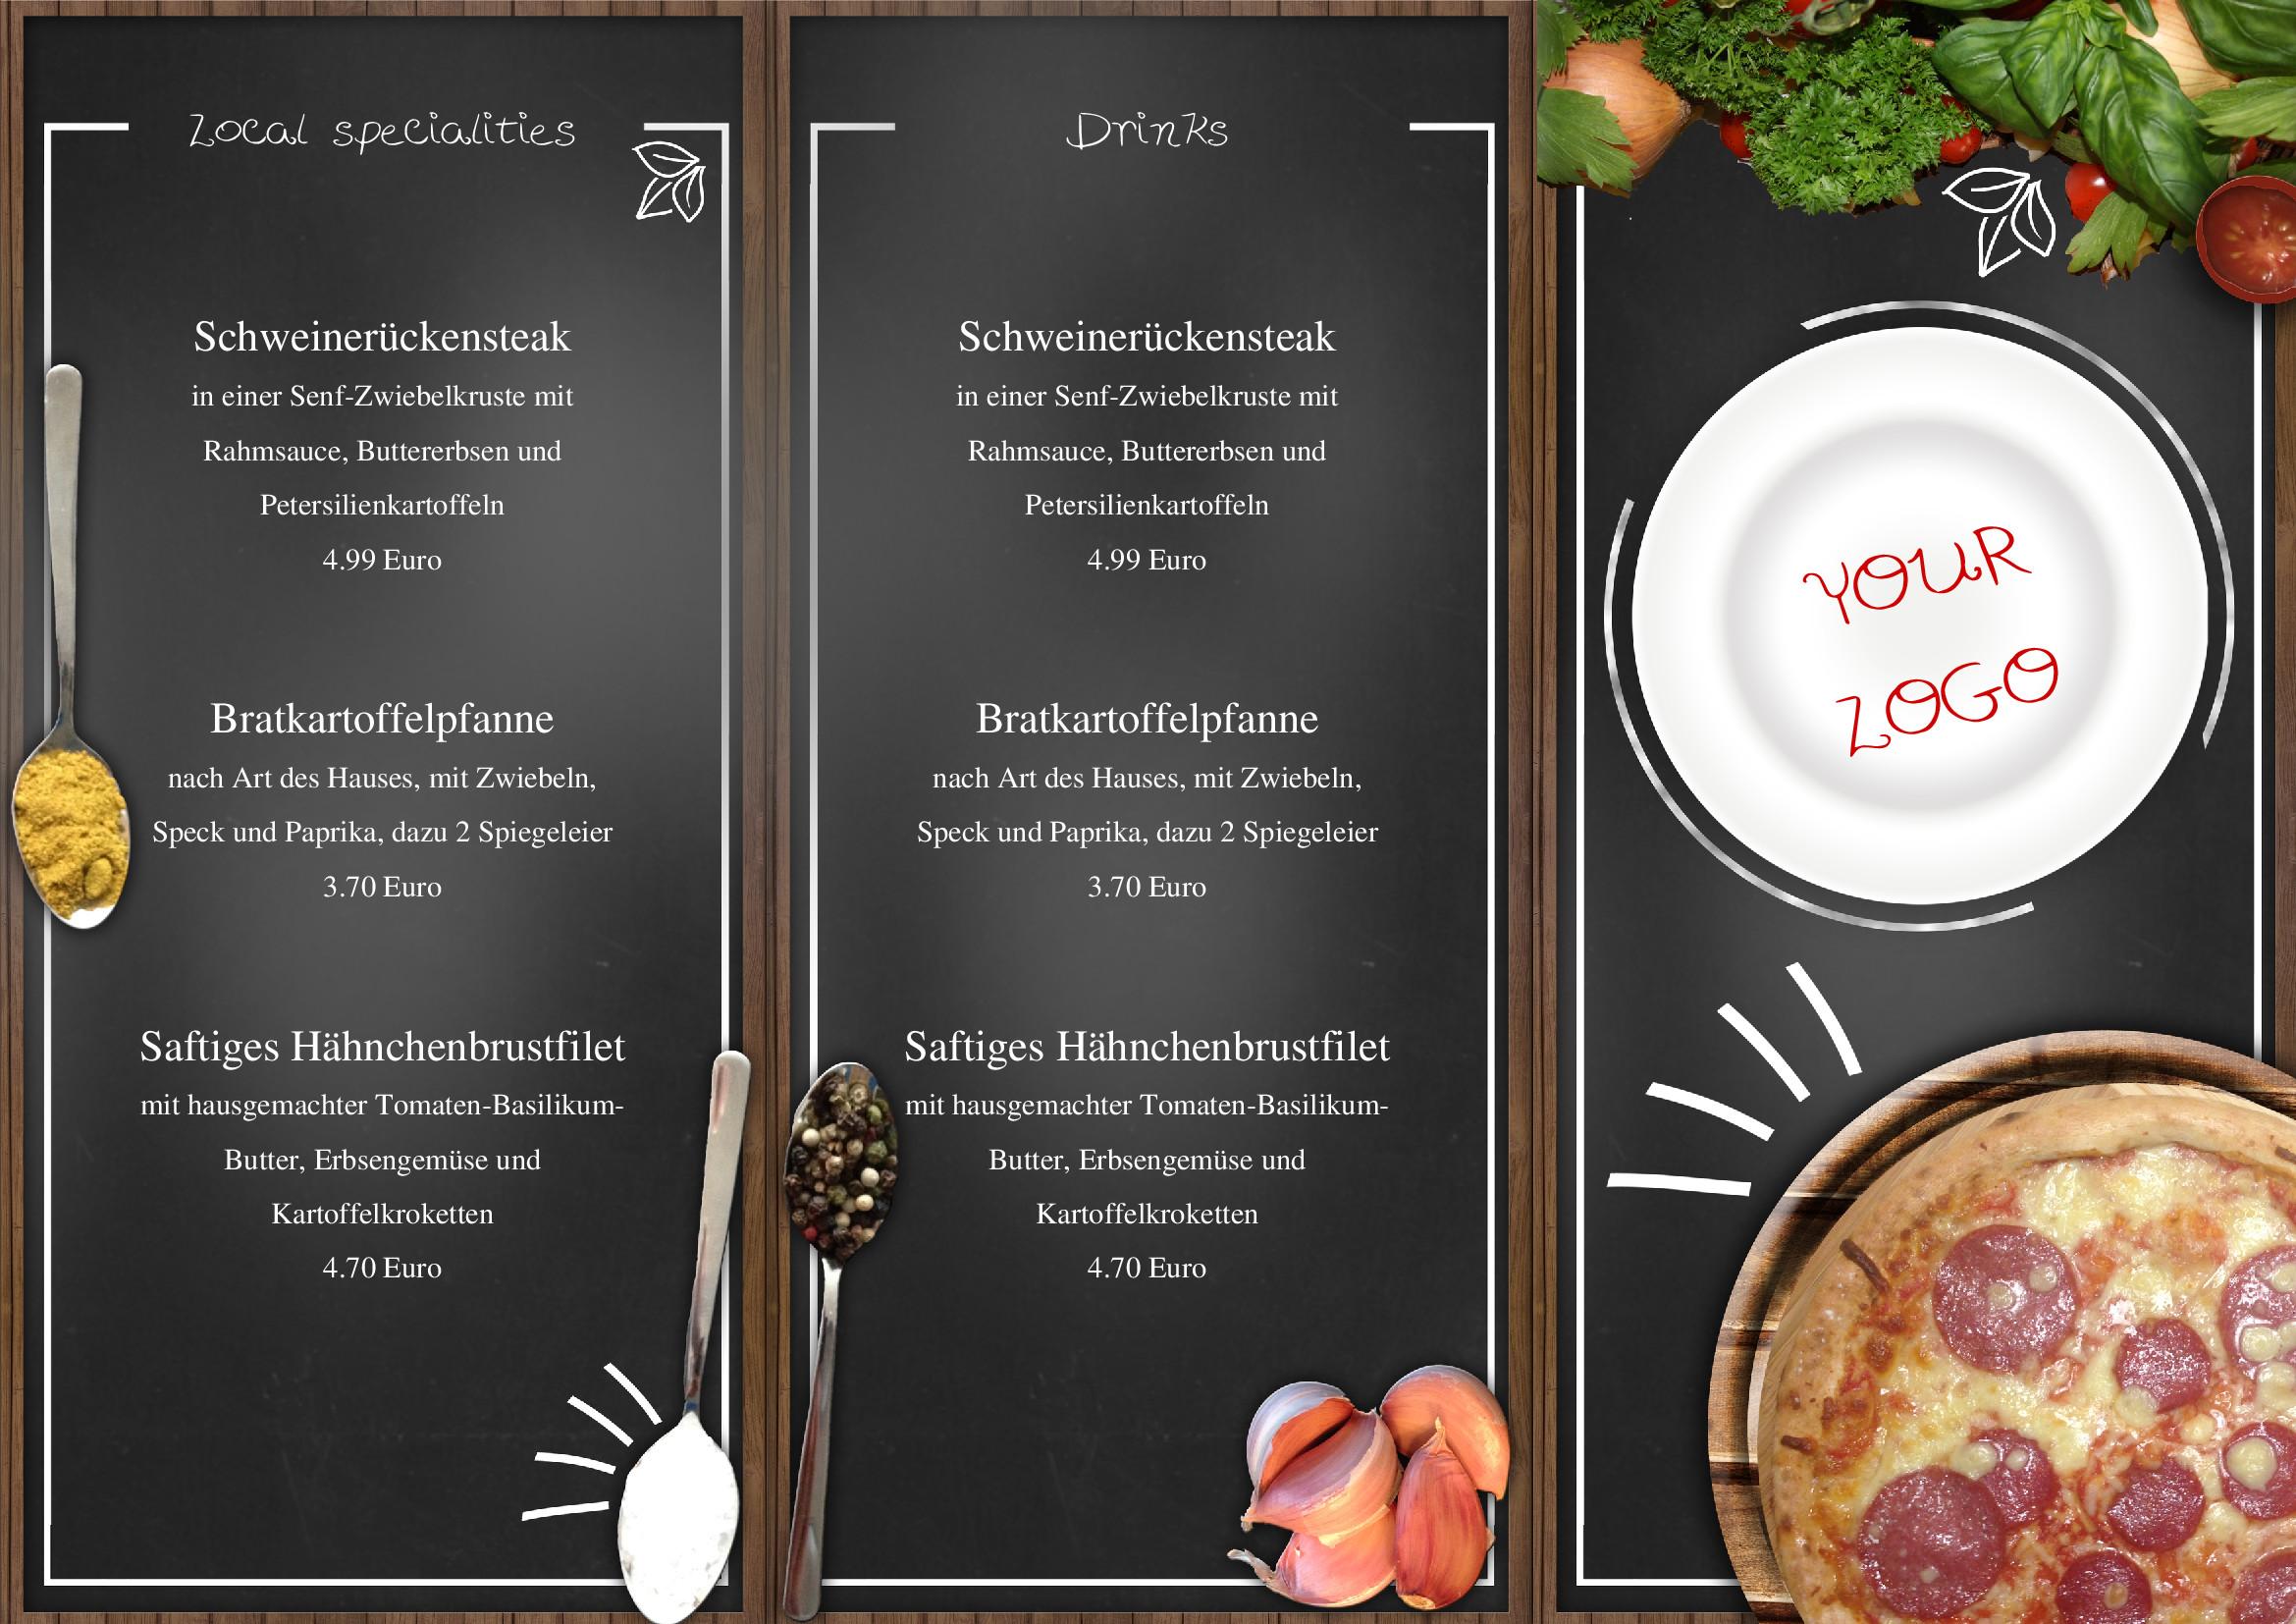 Speisekarten und Menkarten italienische Speisekarte